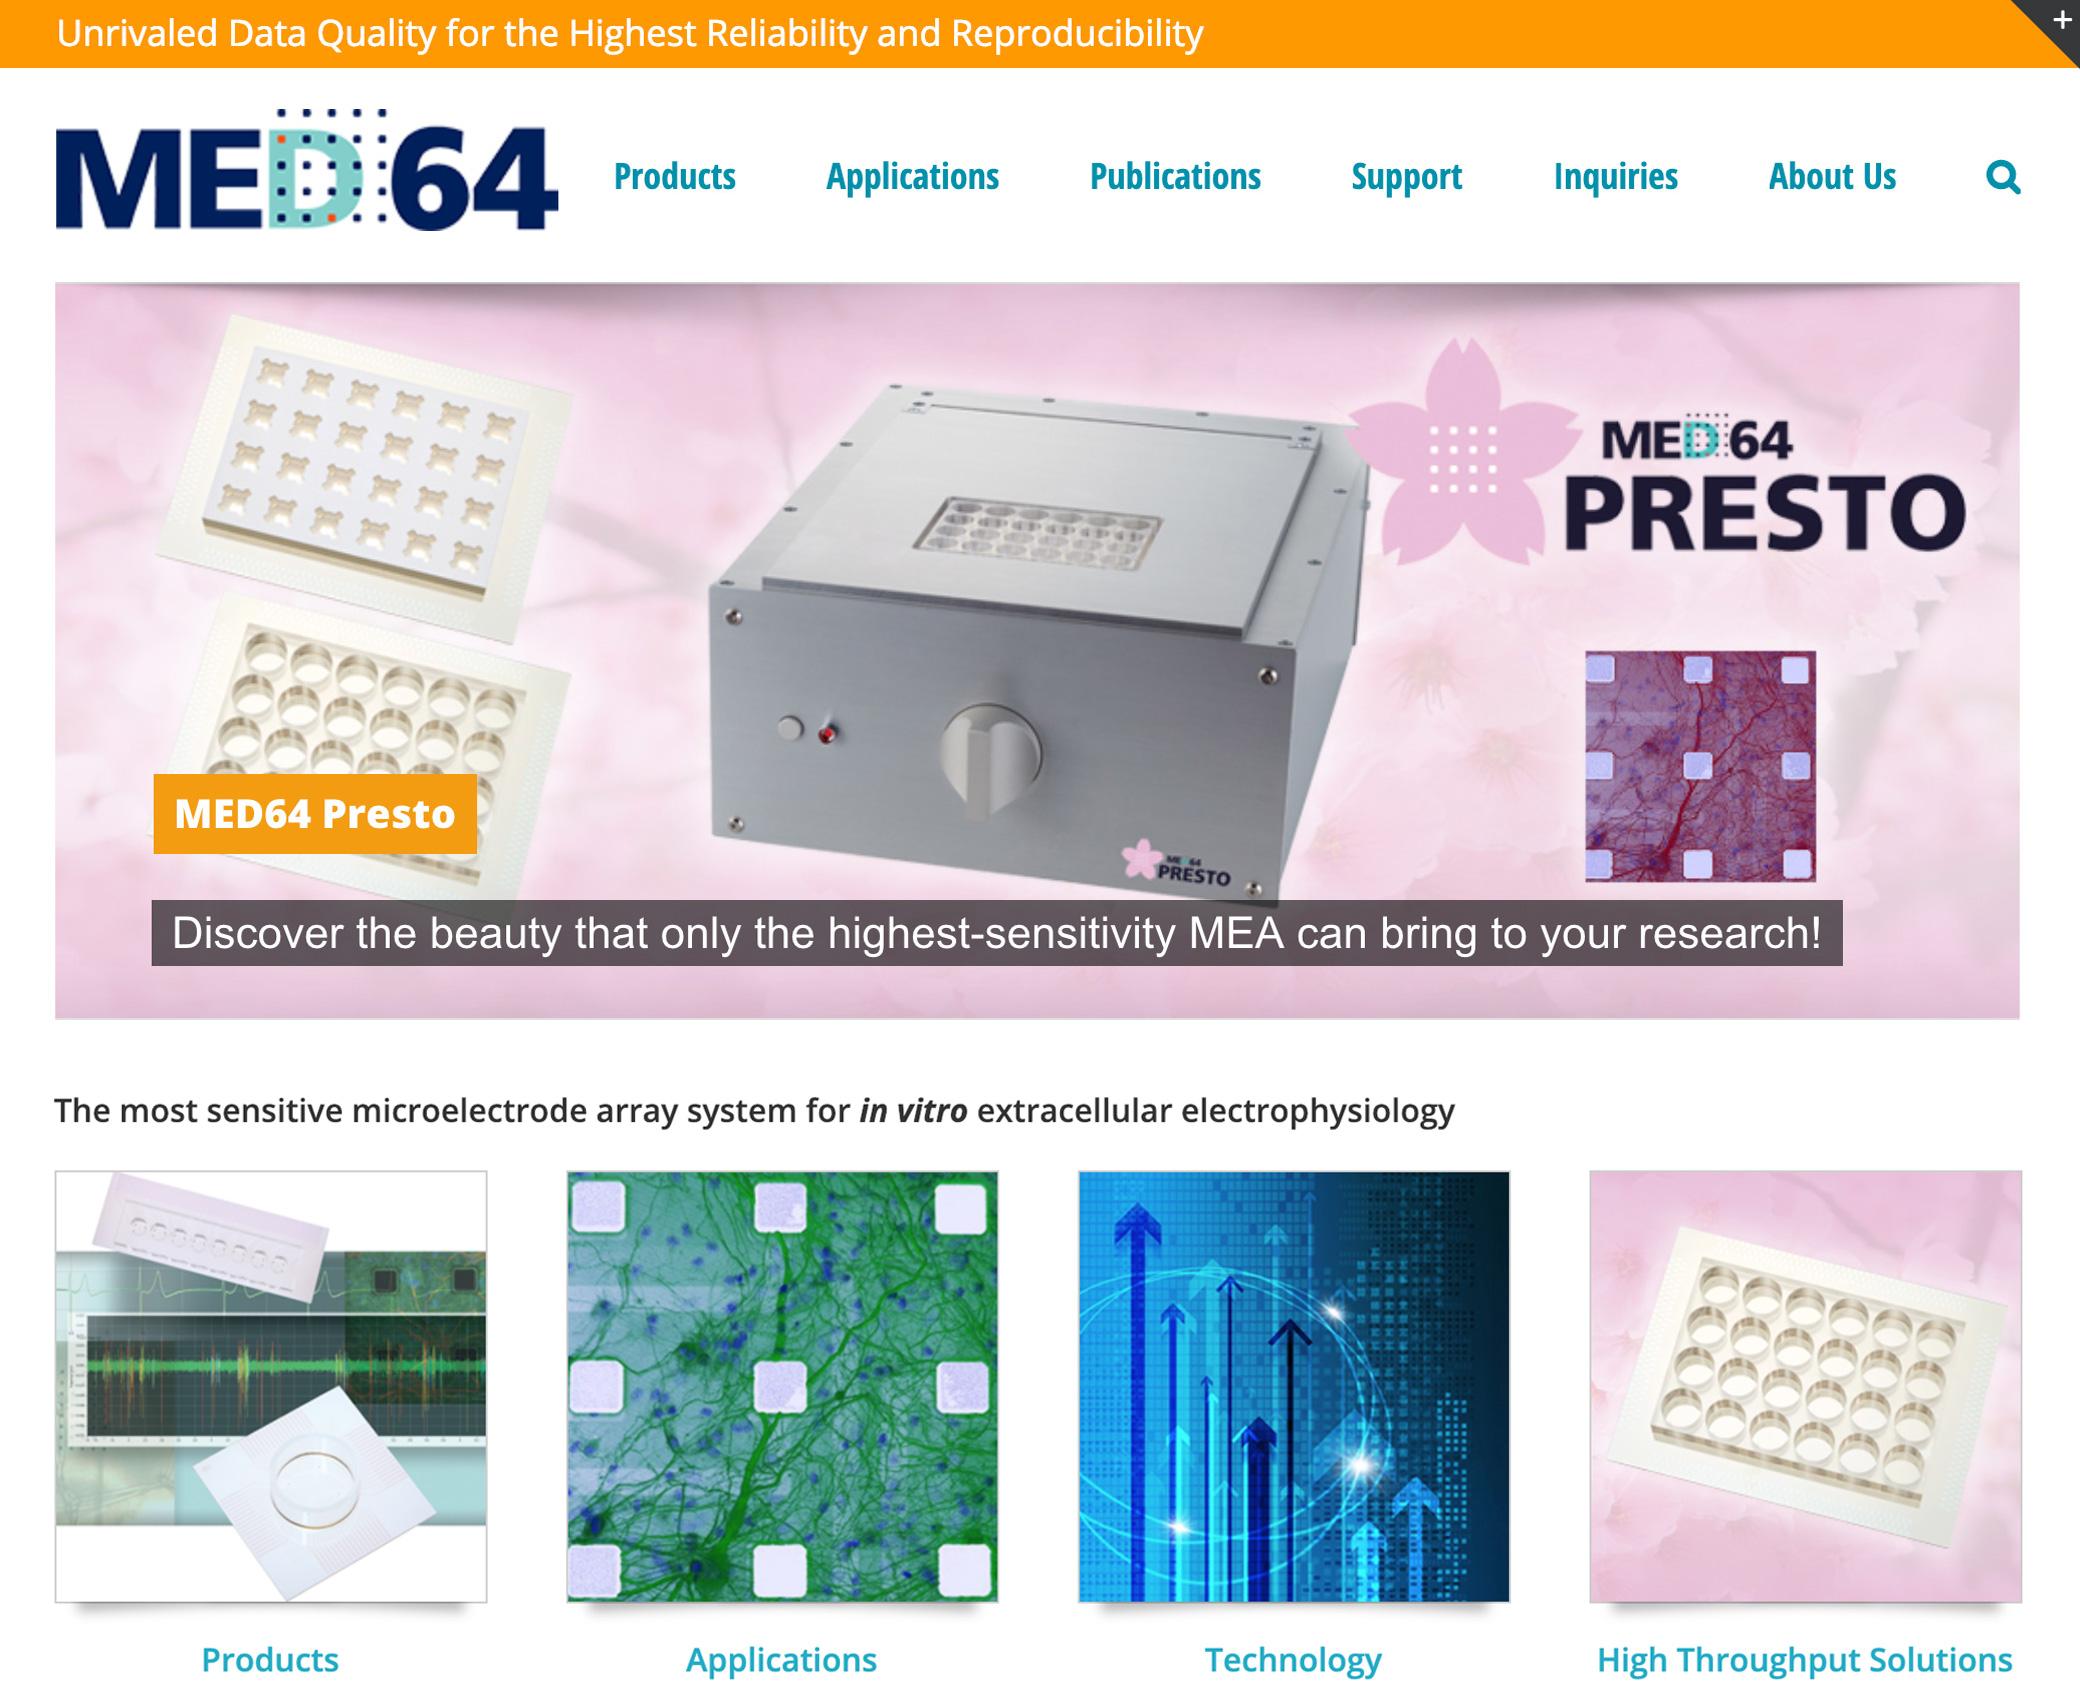 MED64.com